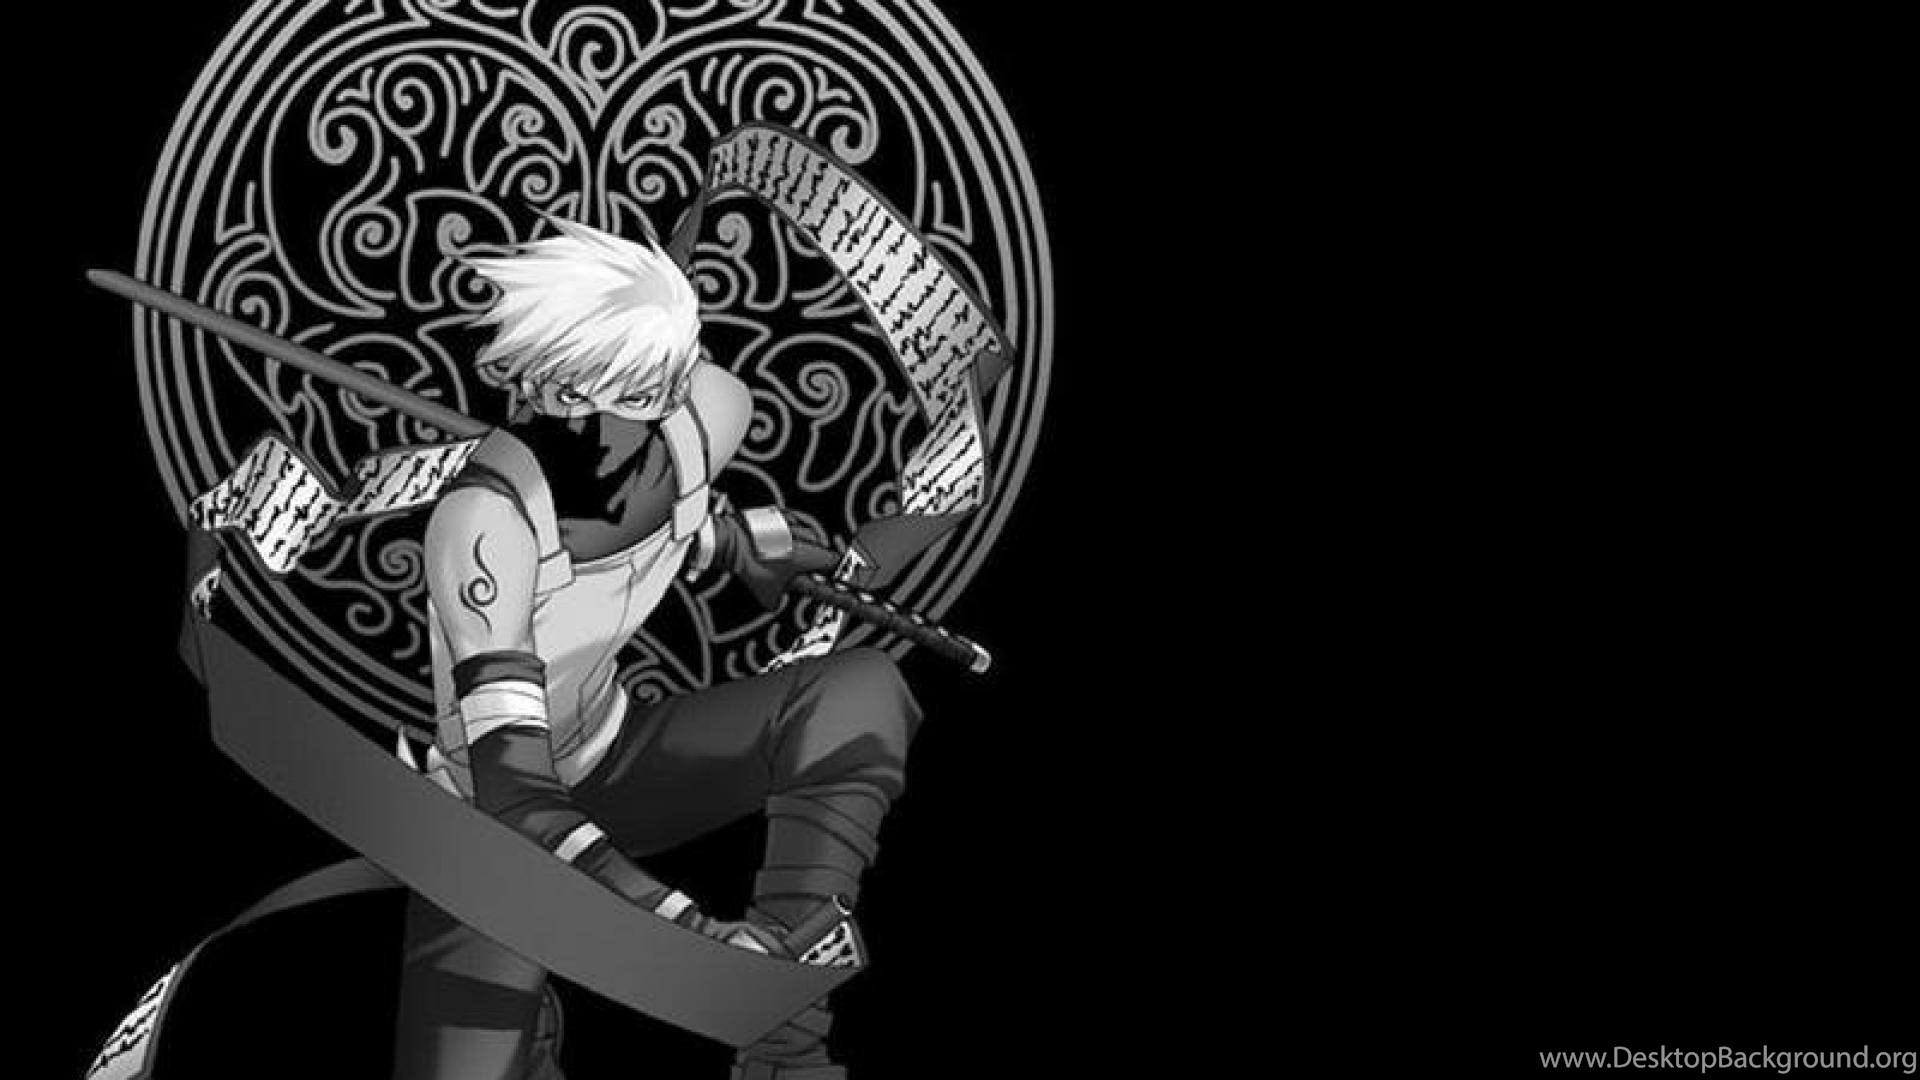 Kakashi Grey Manga Anime Hd Wallpapers Desktop Background